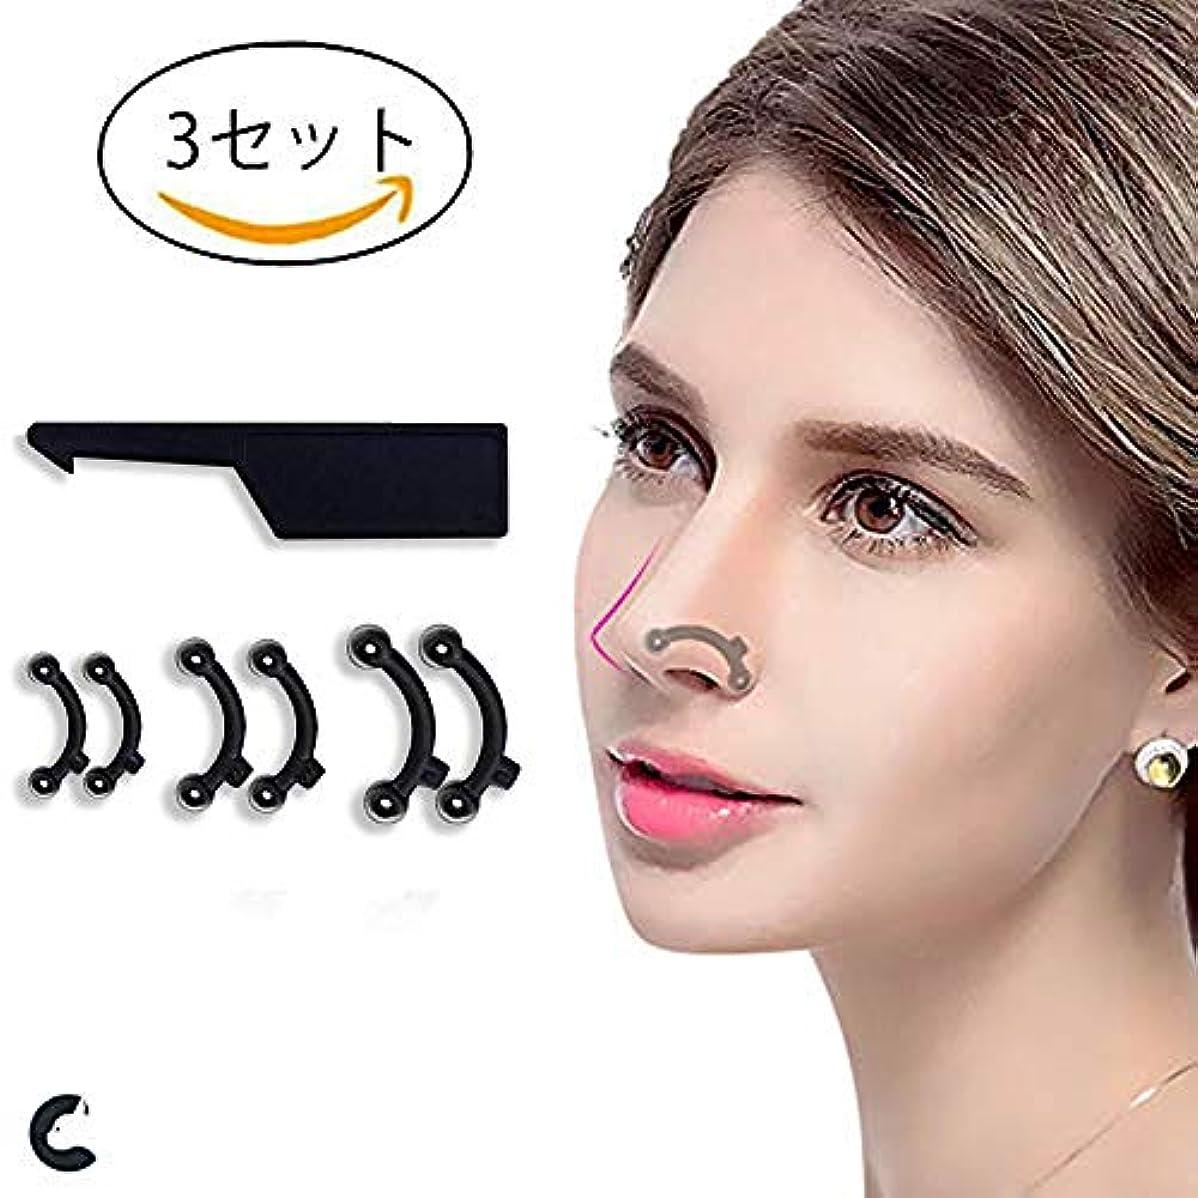 ICOUCHI 鼻プチ シリコン プチ整形 痛くない 柔軟性高く矯正プチ 整形せず 鼻筋矯正 23mm/24.5mm/26mm全3サイズ